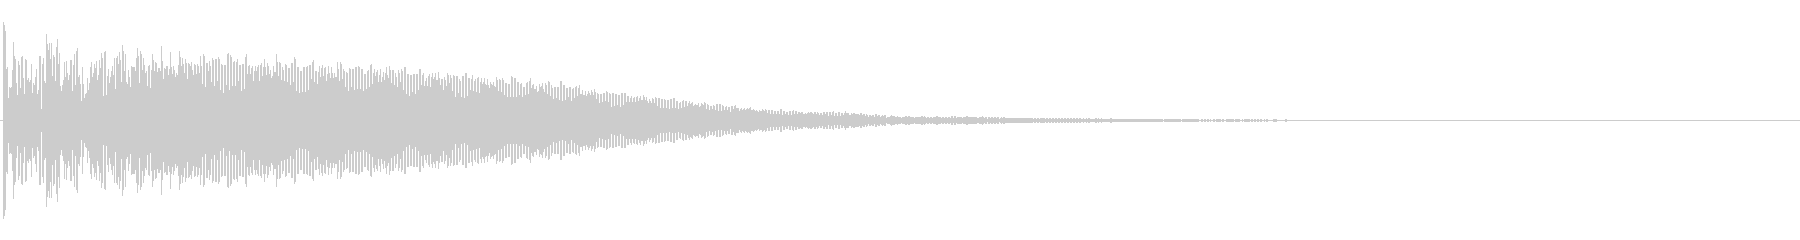 和太鼓「どどん」大きめの太鼓-01の未再生の波形